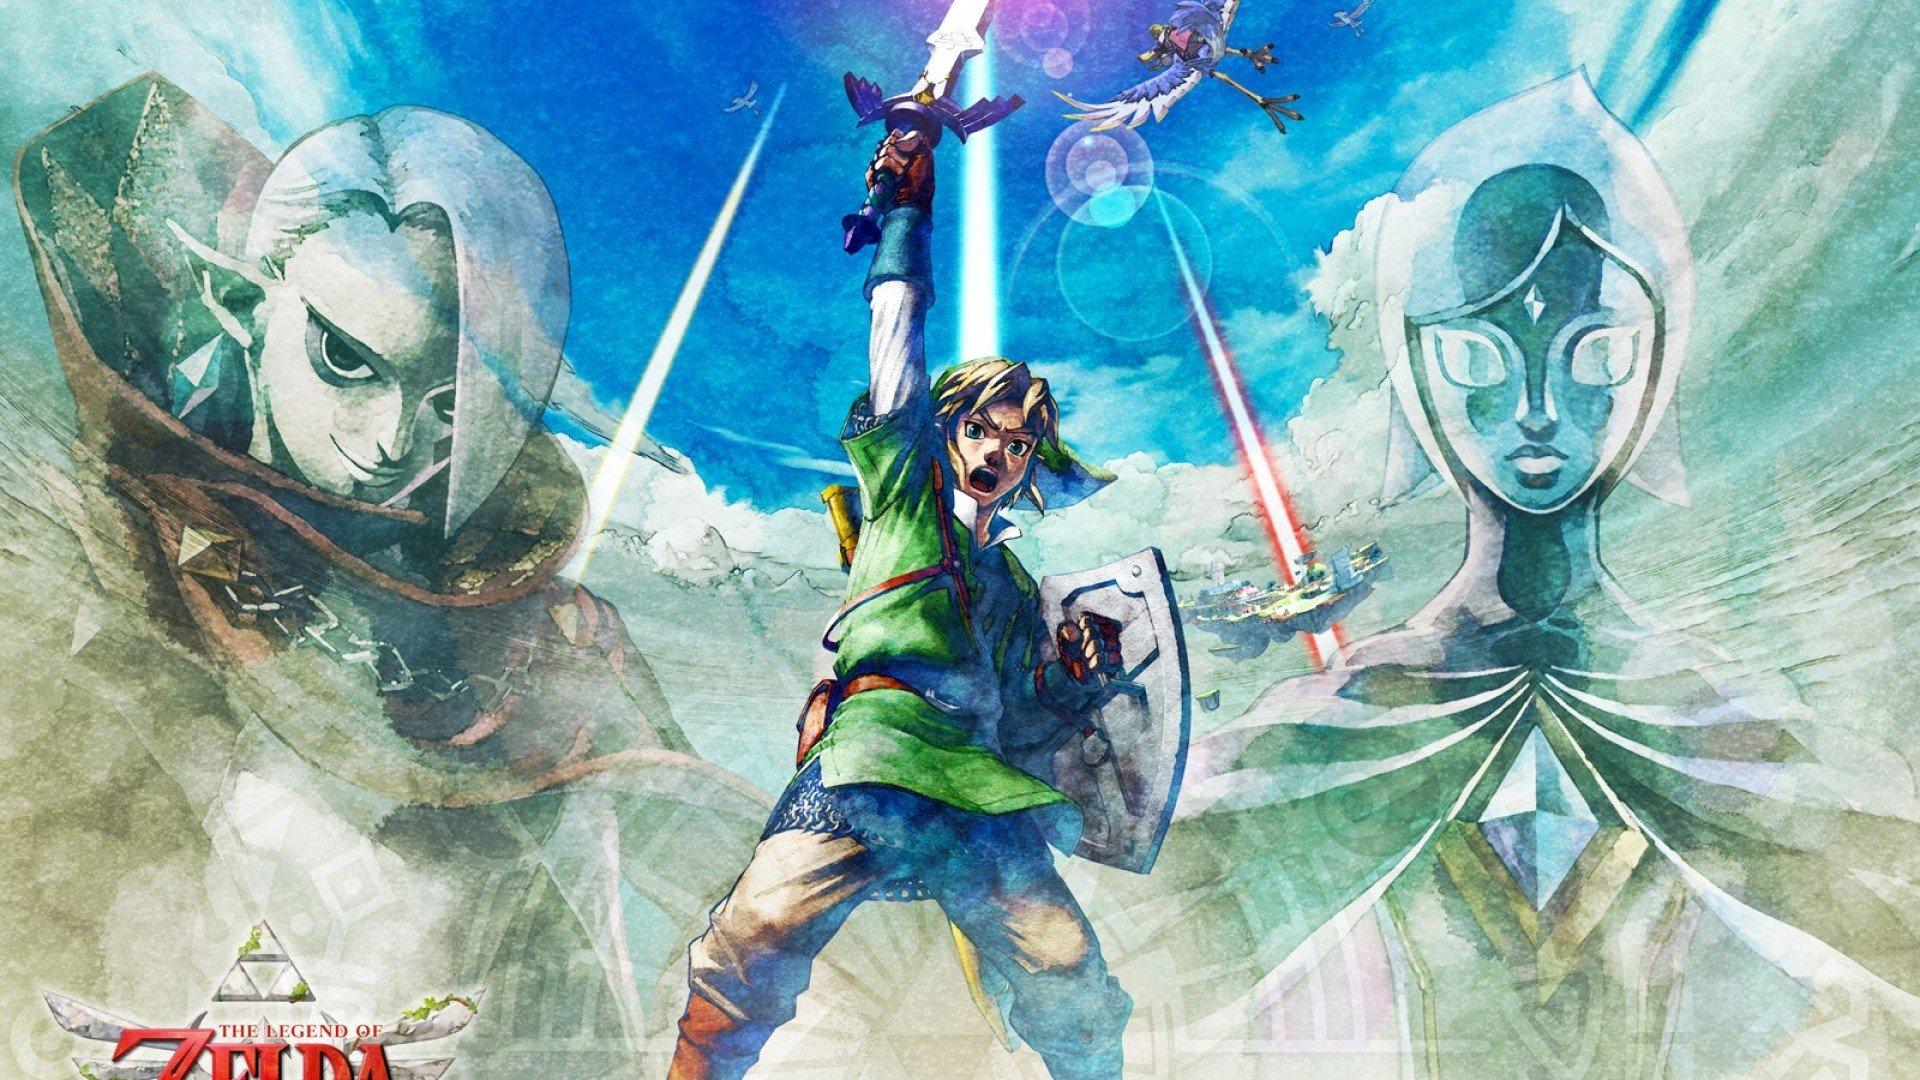 Legend Of Zelda Skyward Sword Wallpaper